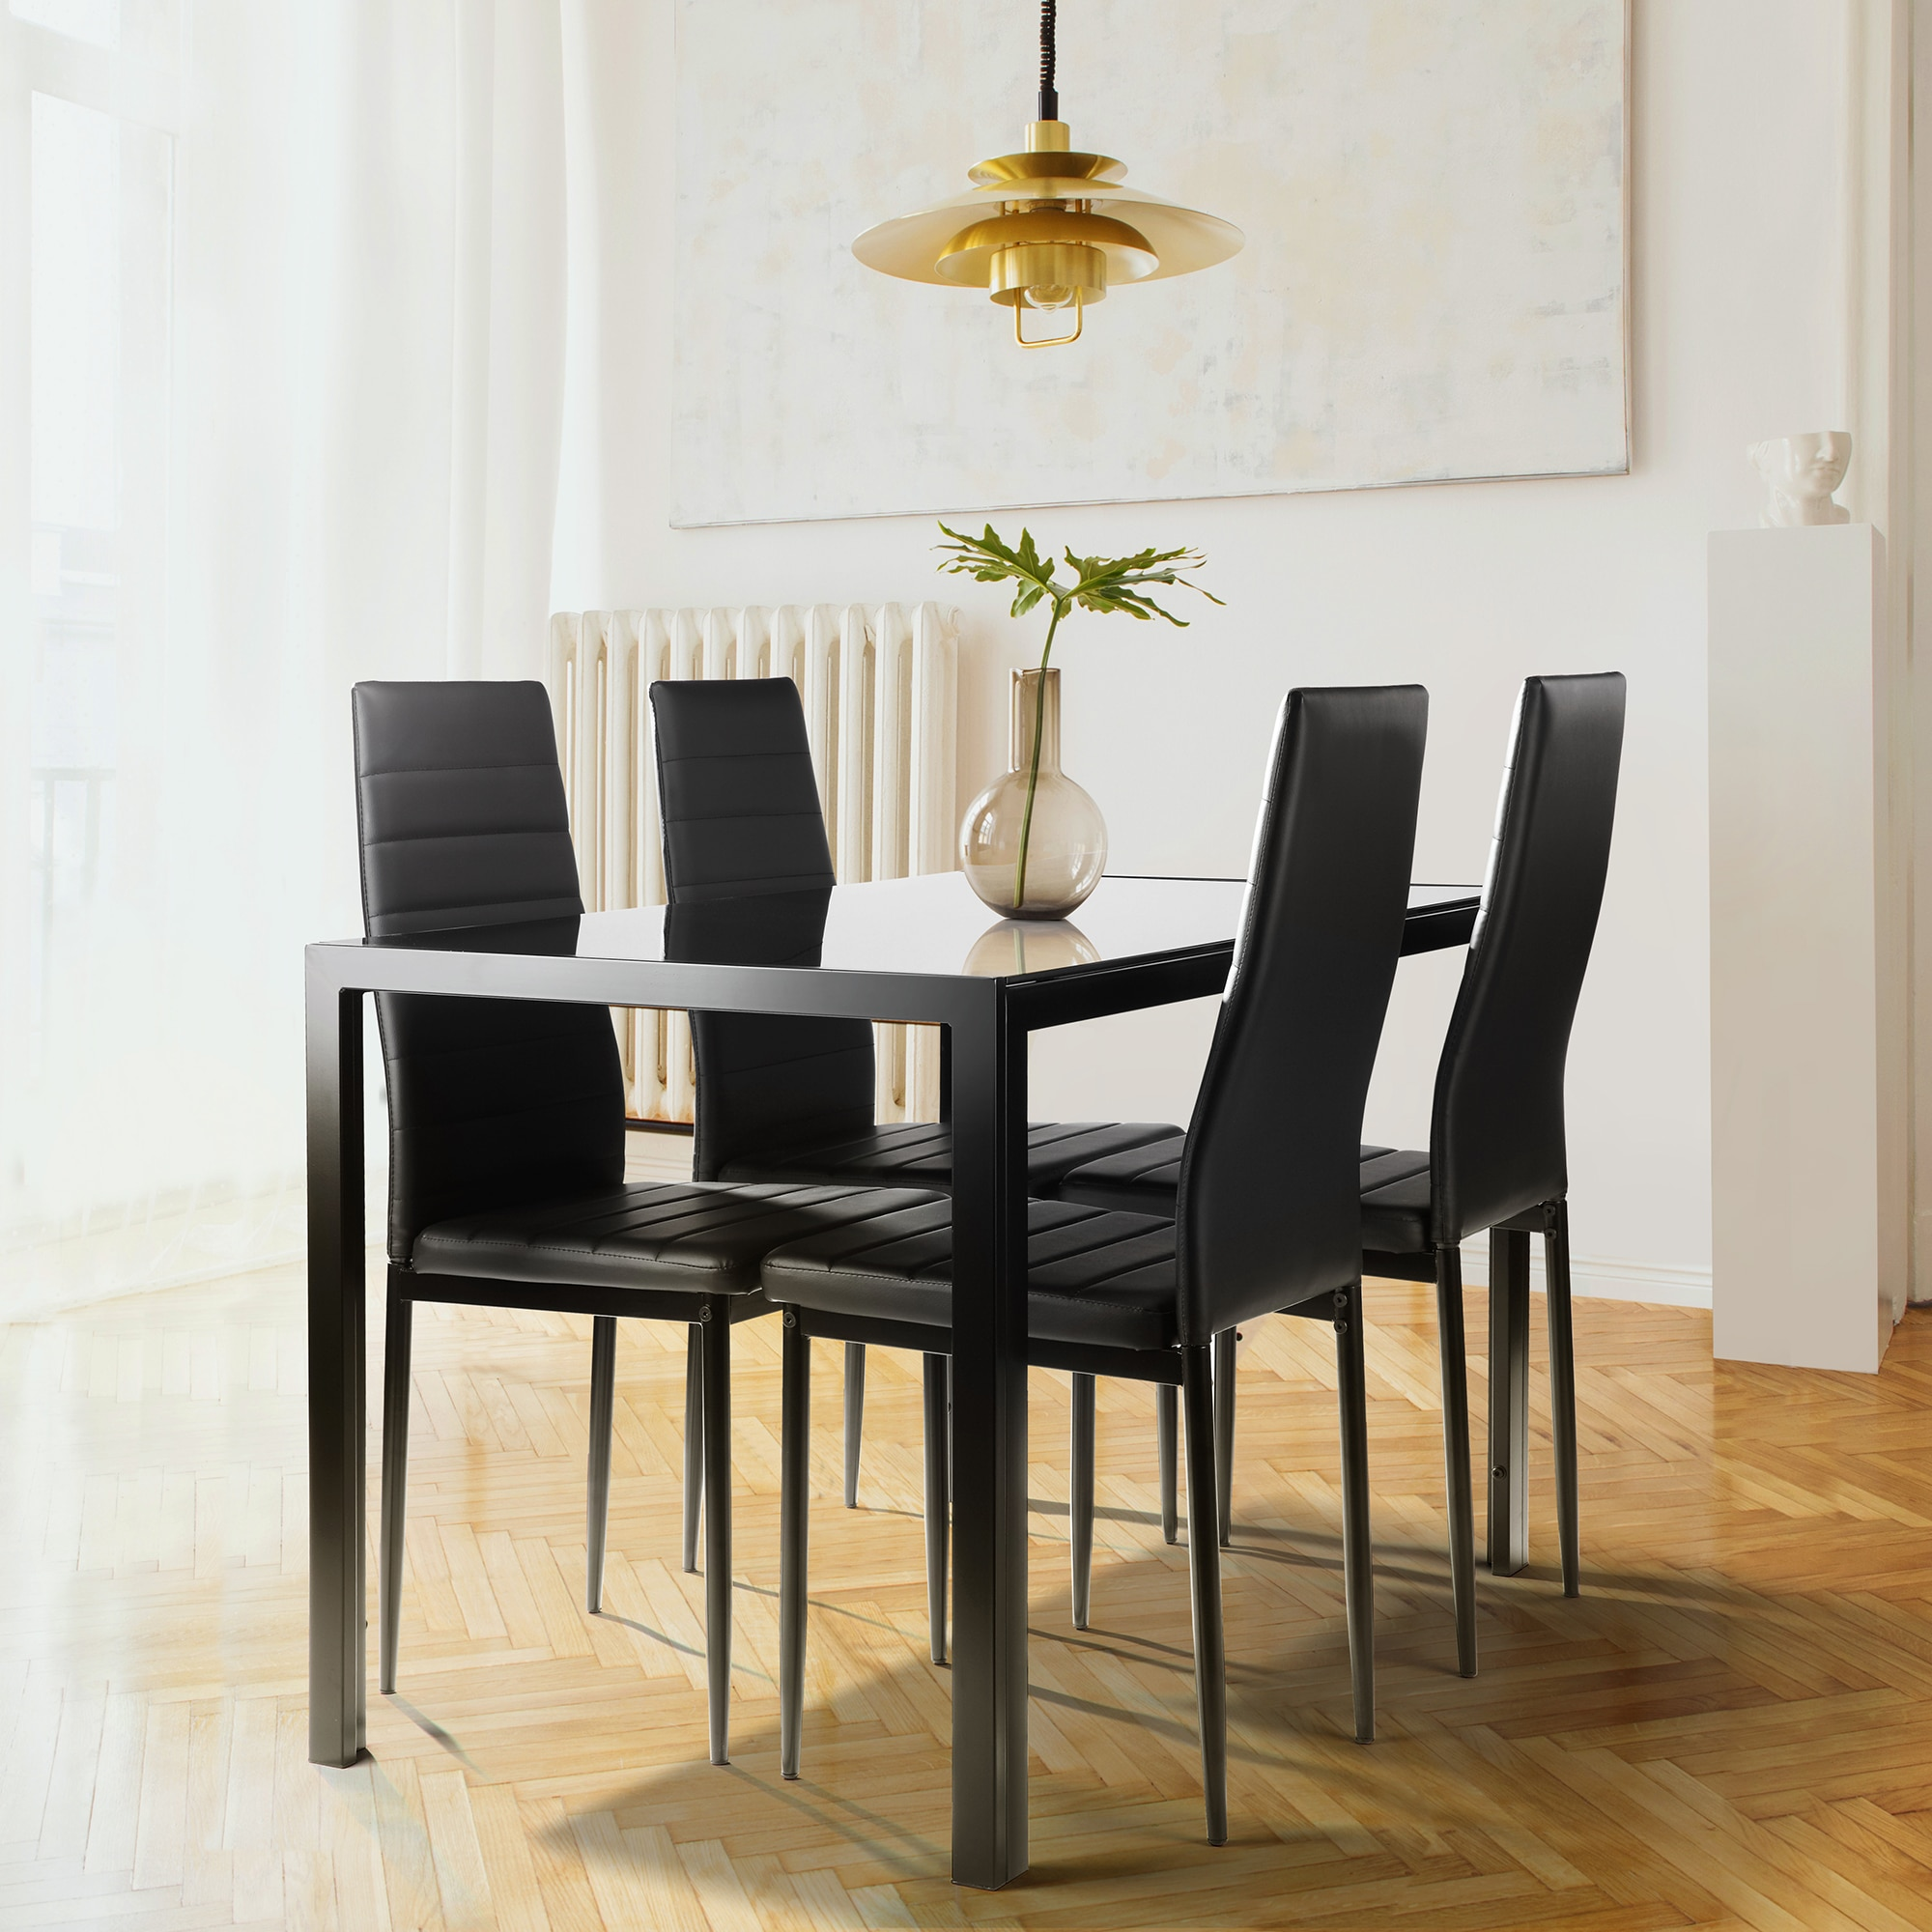 غرفة المطبخ خفف طاولة عشاء زجاجية ، 5 قطع طقم طاولة عشاء ل 4,4 كراسي جلدية فو ، أسود